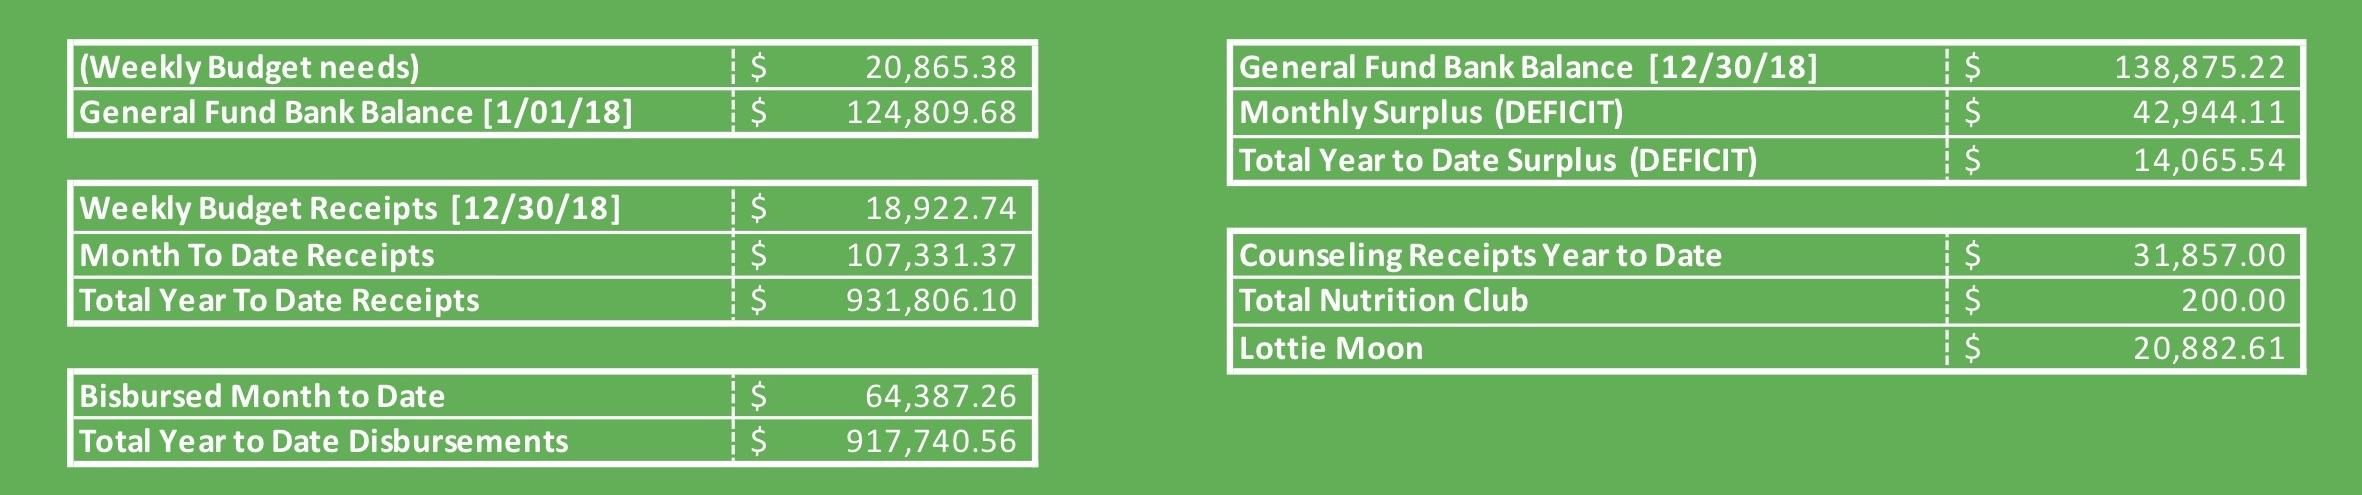 12-30-18 summary of contributions.jpg